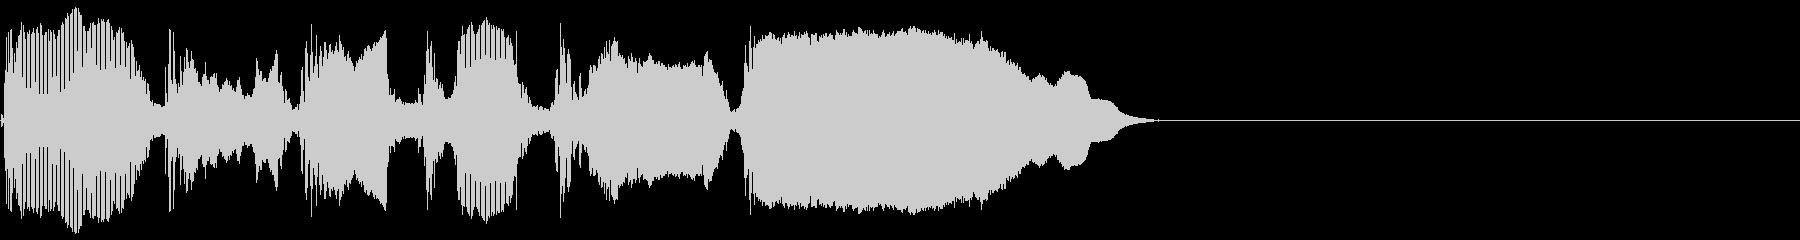 ラッパ-「青いラッパ」(酸っぱい)。の未再生の波形